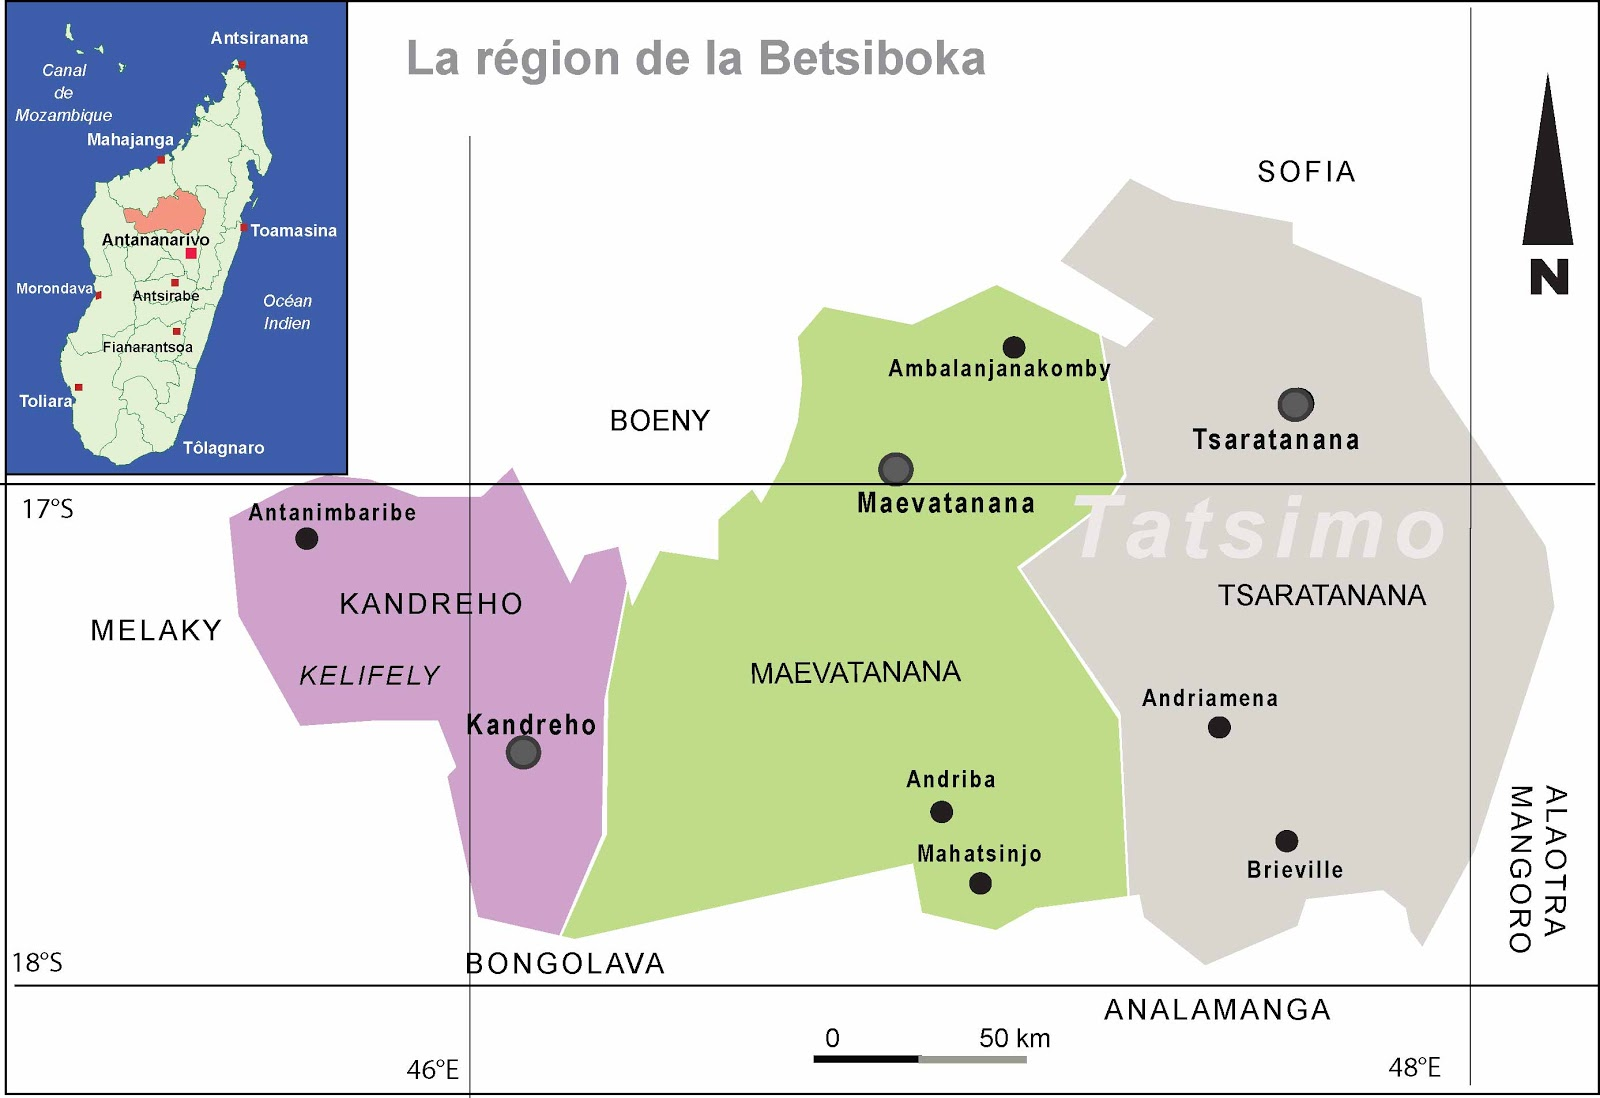 Tatsimo Carte Administrative La Region De La Betsiboka